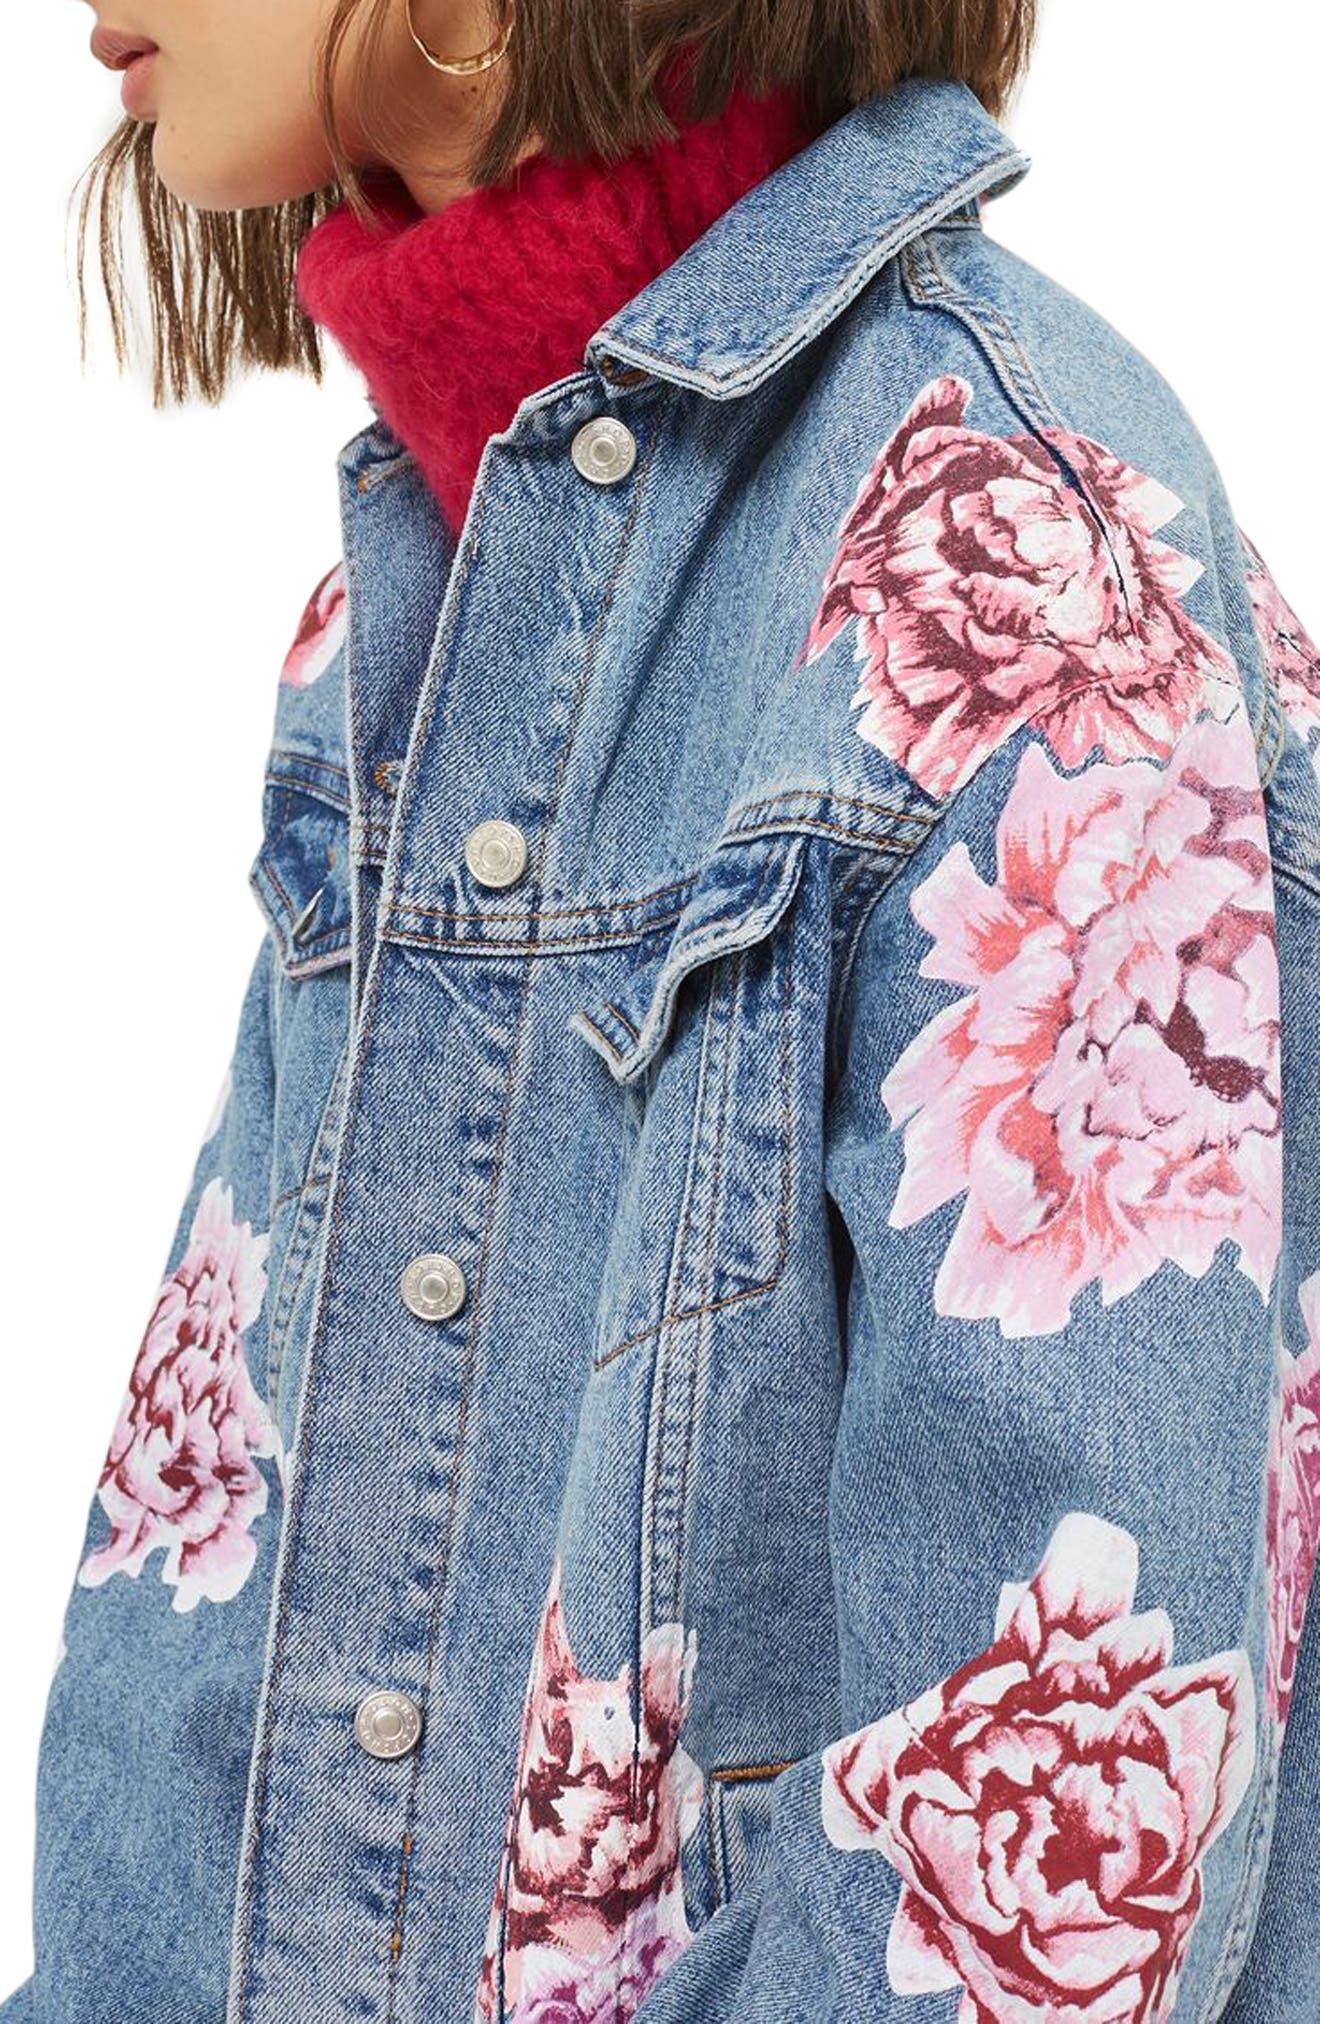 Peony Painted Denim Jacket,                             Alternate thumbnail 3, color,                             Mid Denim Multi